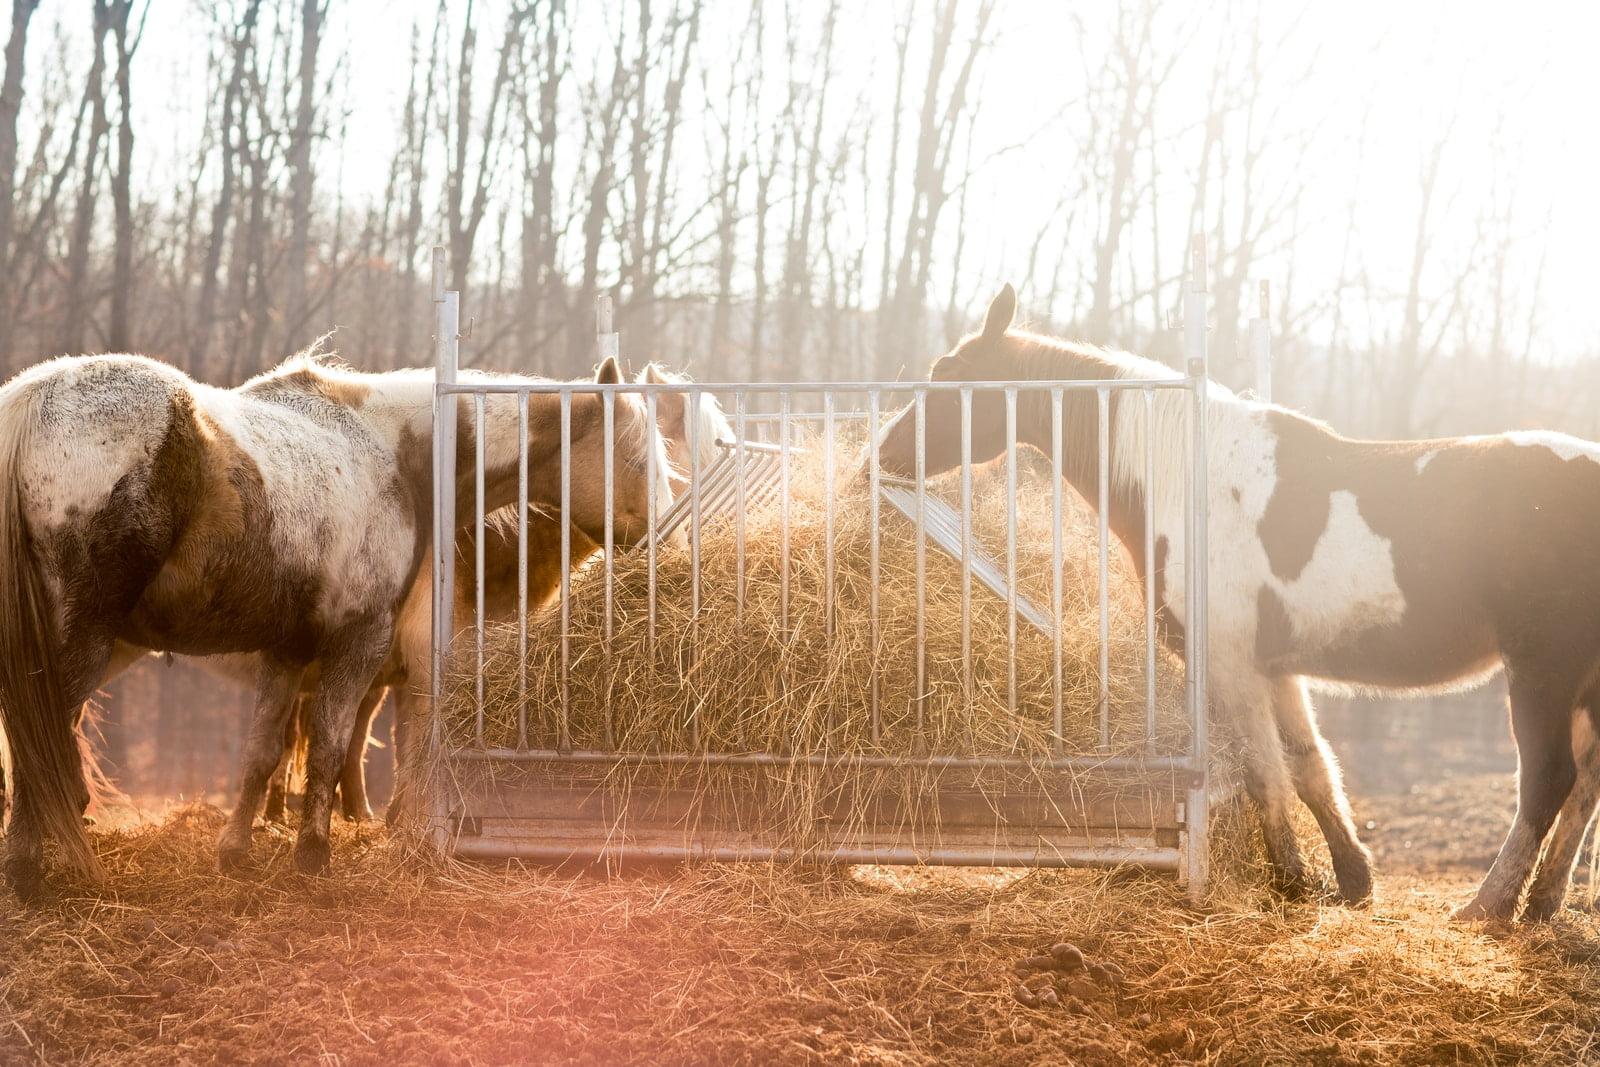 La verdad sobre la dieta equina: ¿qué comen los caballos?